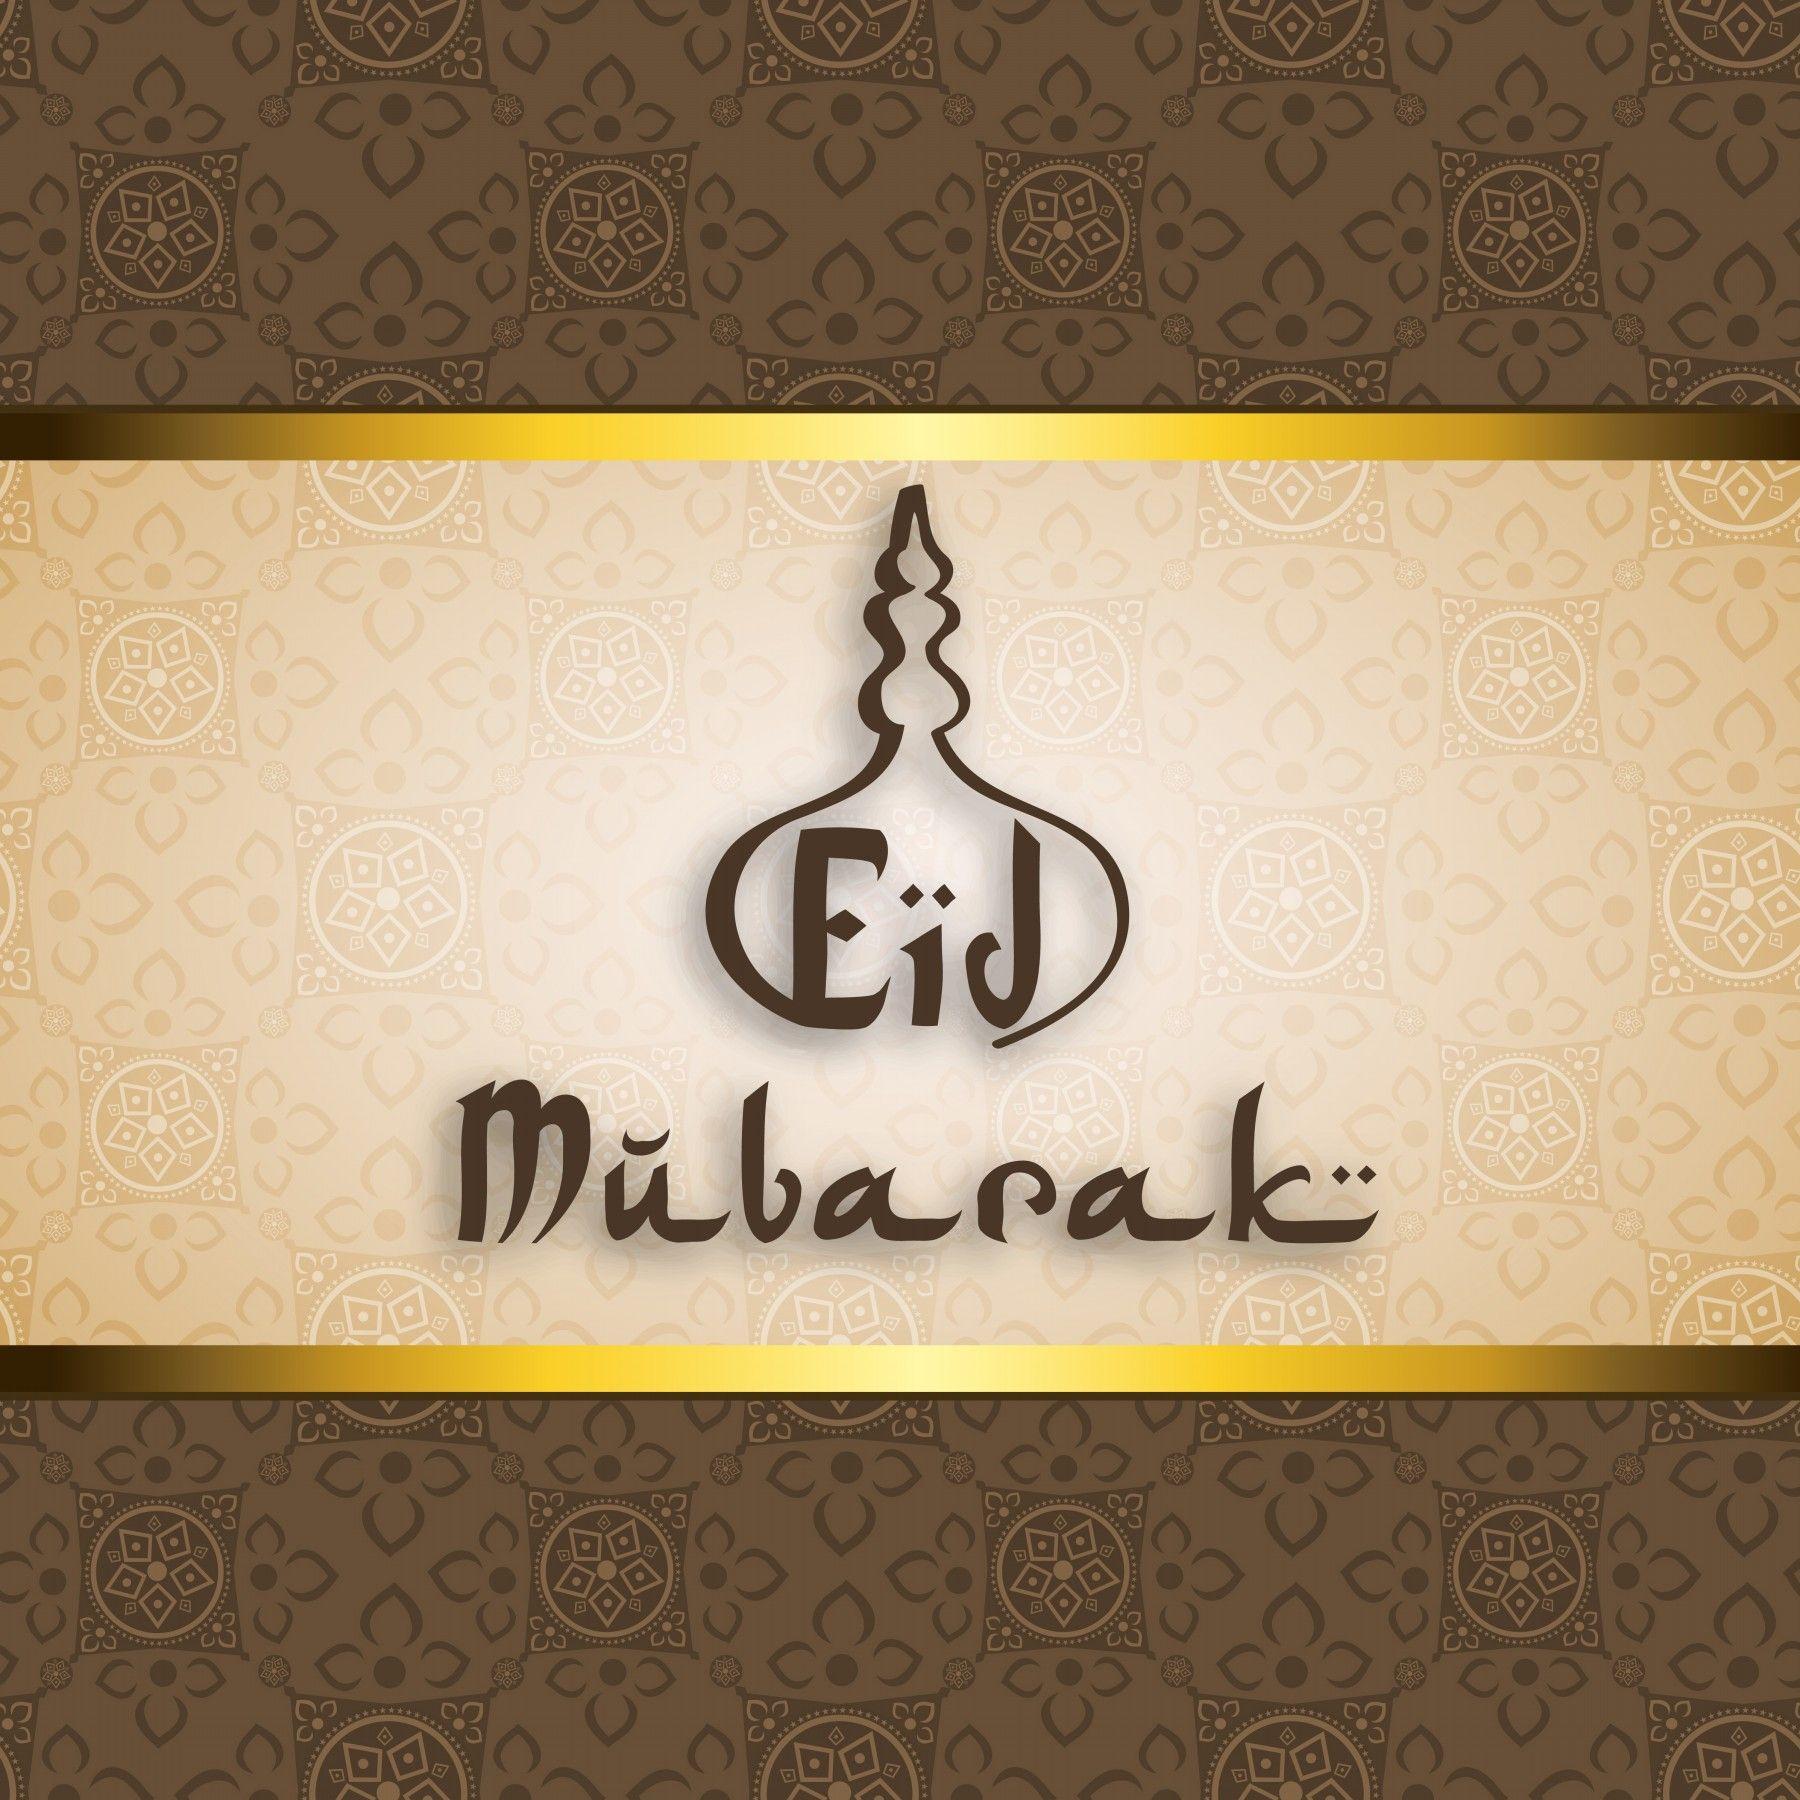 Must see Id Festival Eid Al-Fitr Greeting - 471c93594f80bcf343c11d33f7ad356b  HD_73814 .jpg